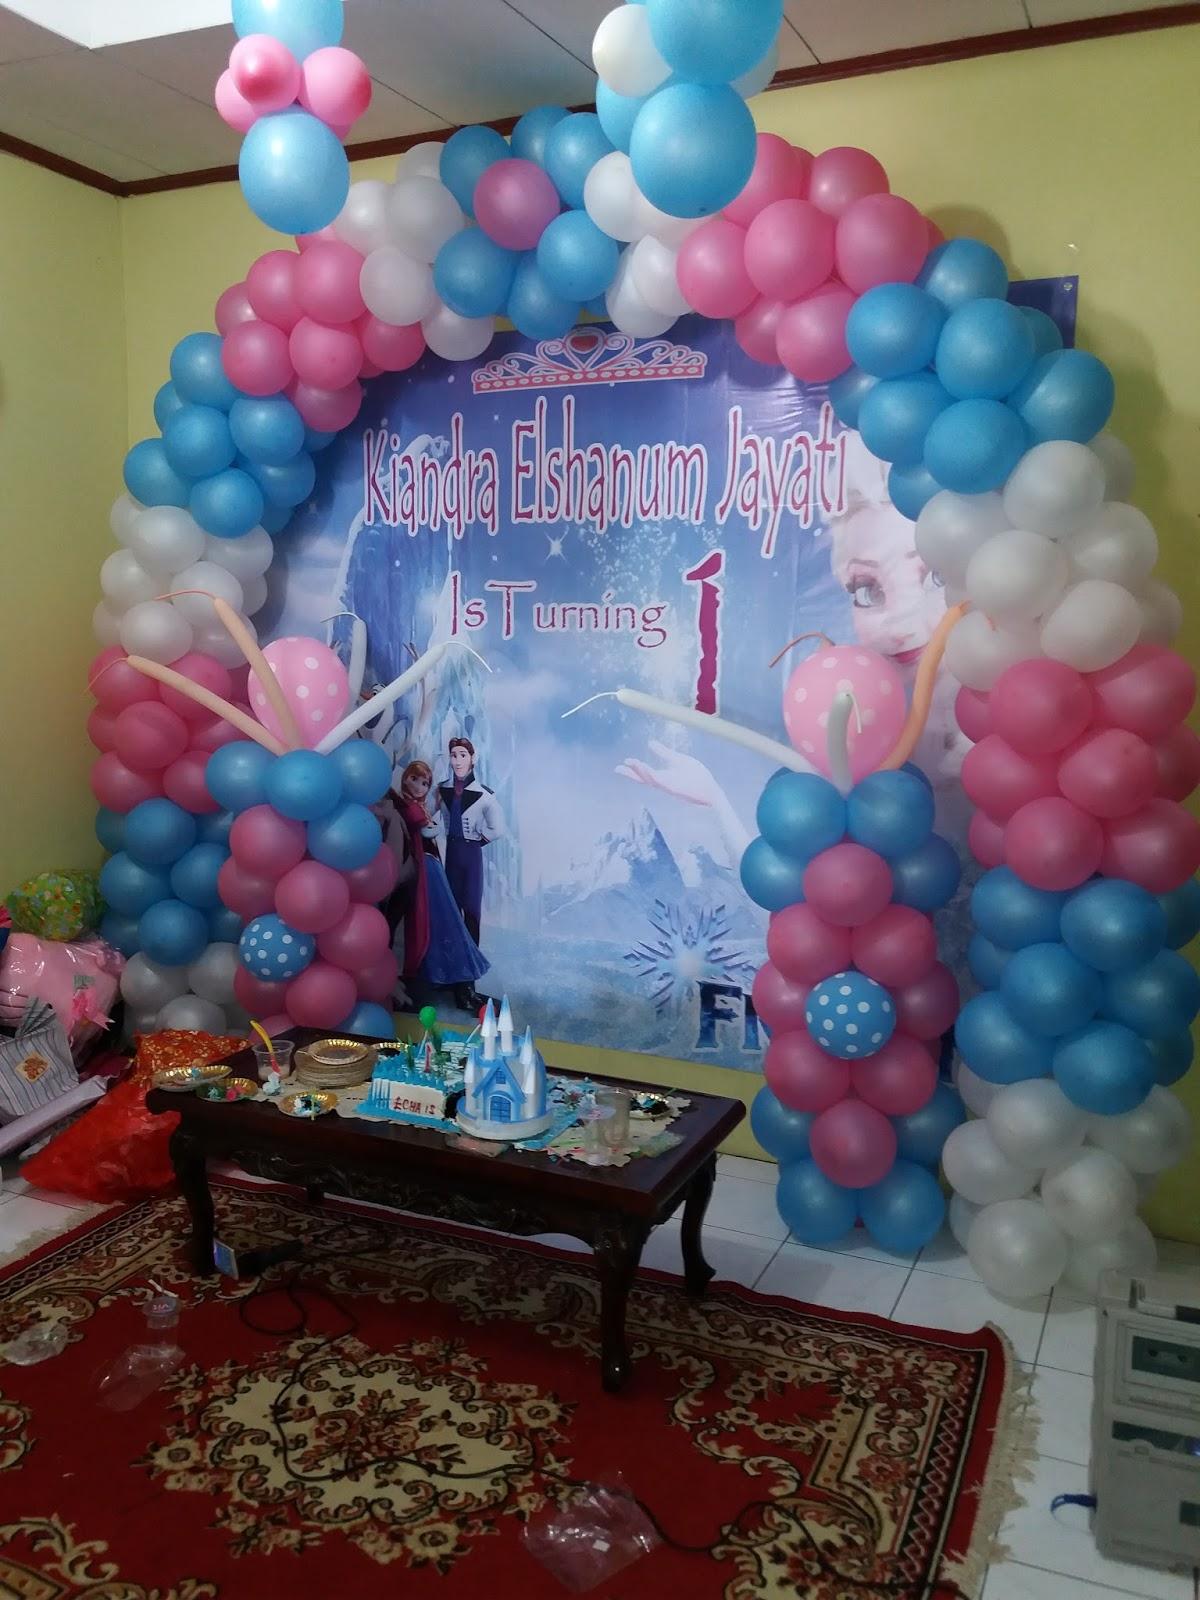 Badut ulang tahun dan dekorasi balon for Dekor ulang tahun